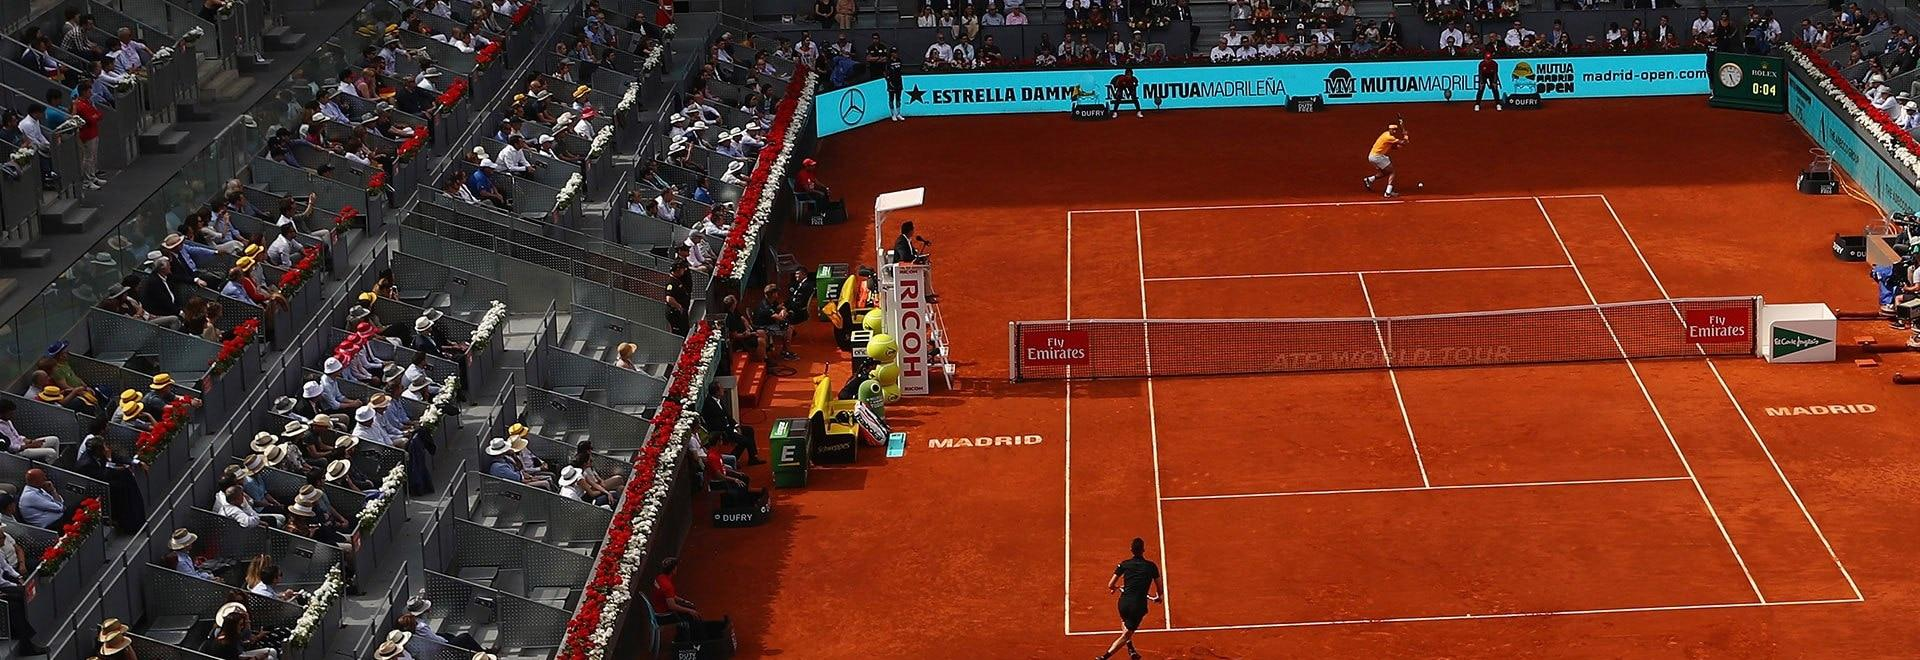 Federer - Berdych. Finale